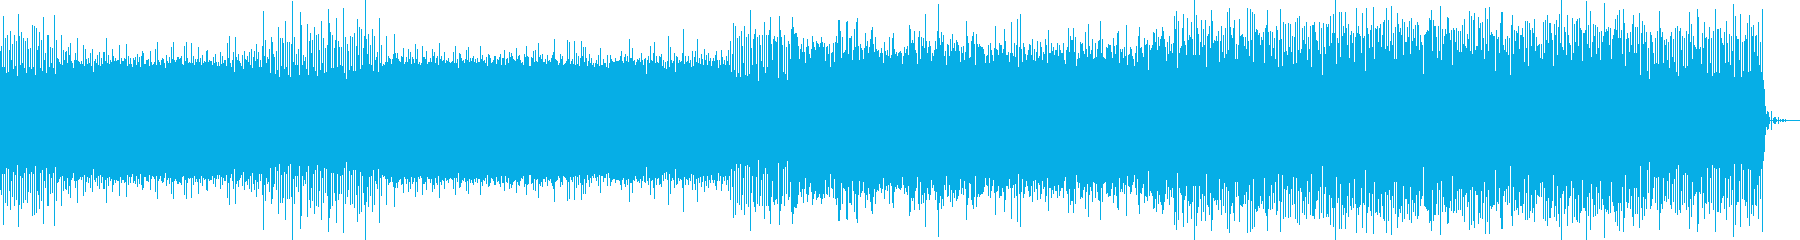 浮遊感のある電子音楽の再生済みの波形